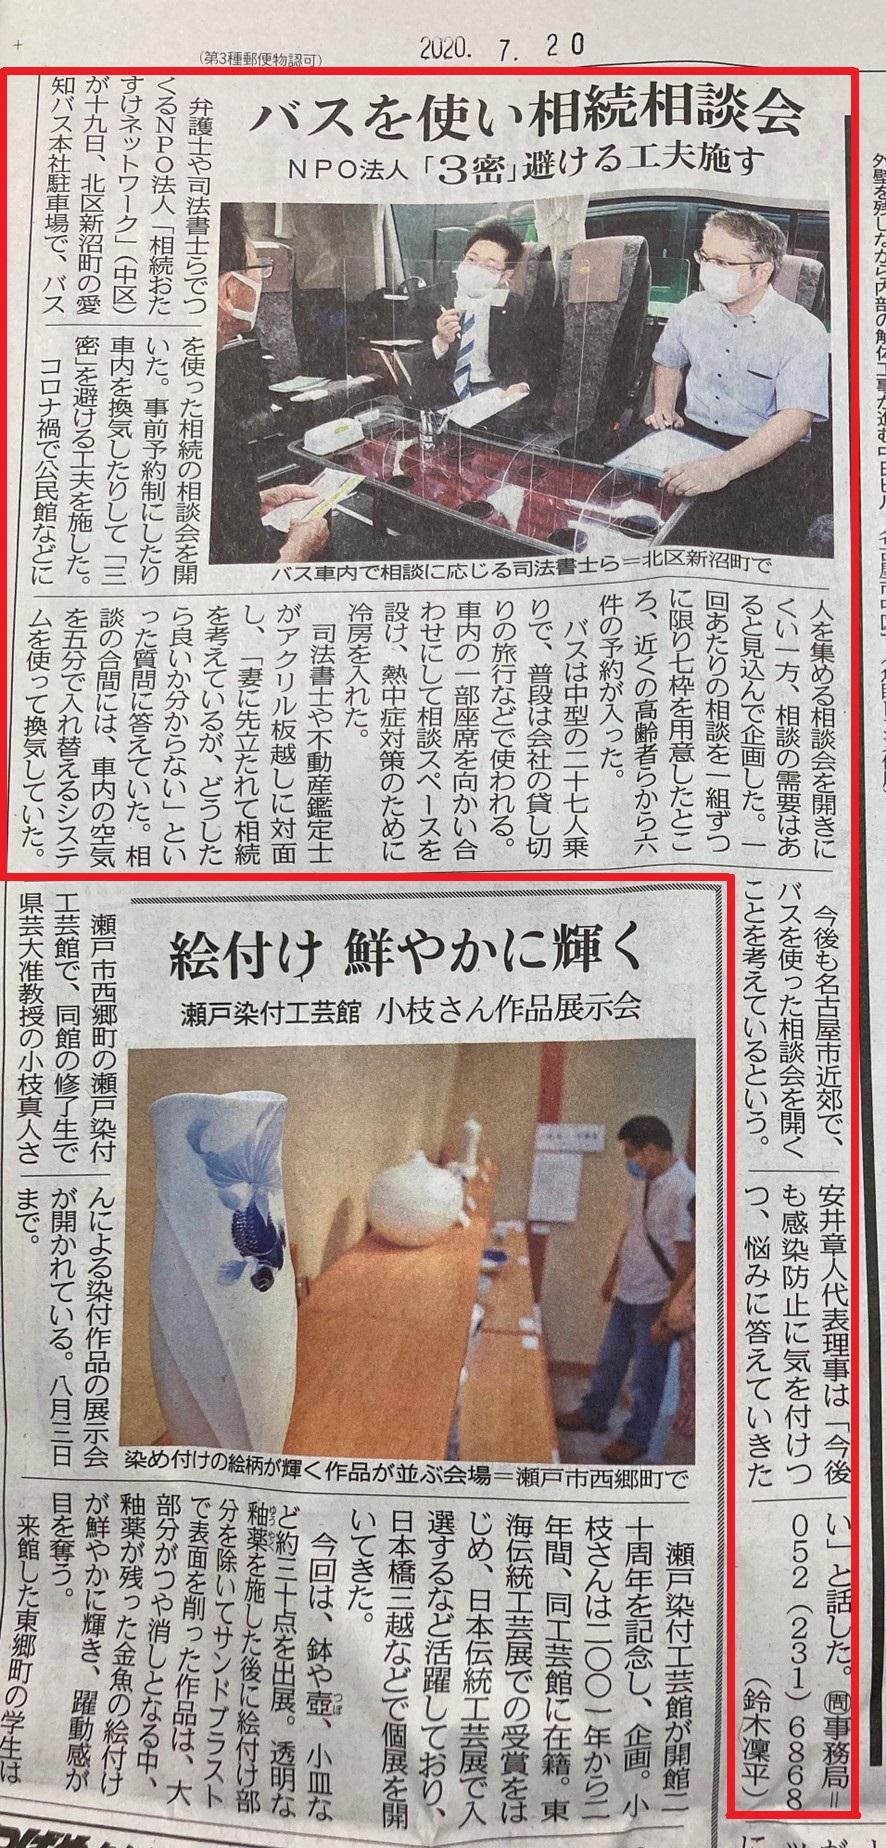 2020年7月20日 中日新聞 朝刊